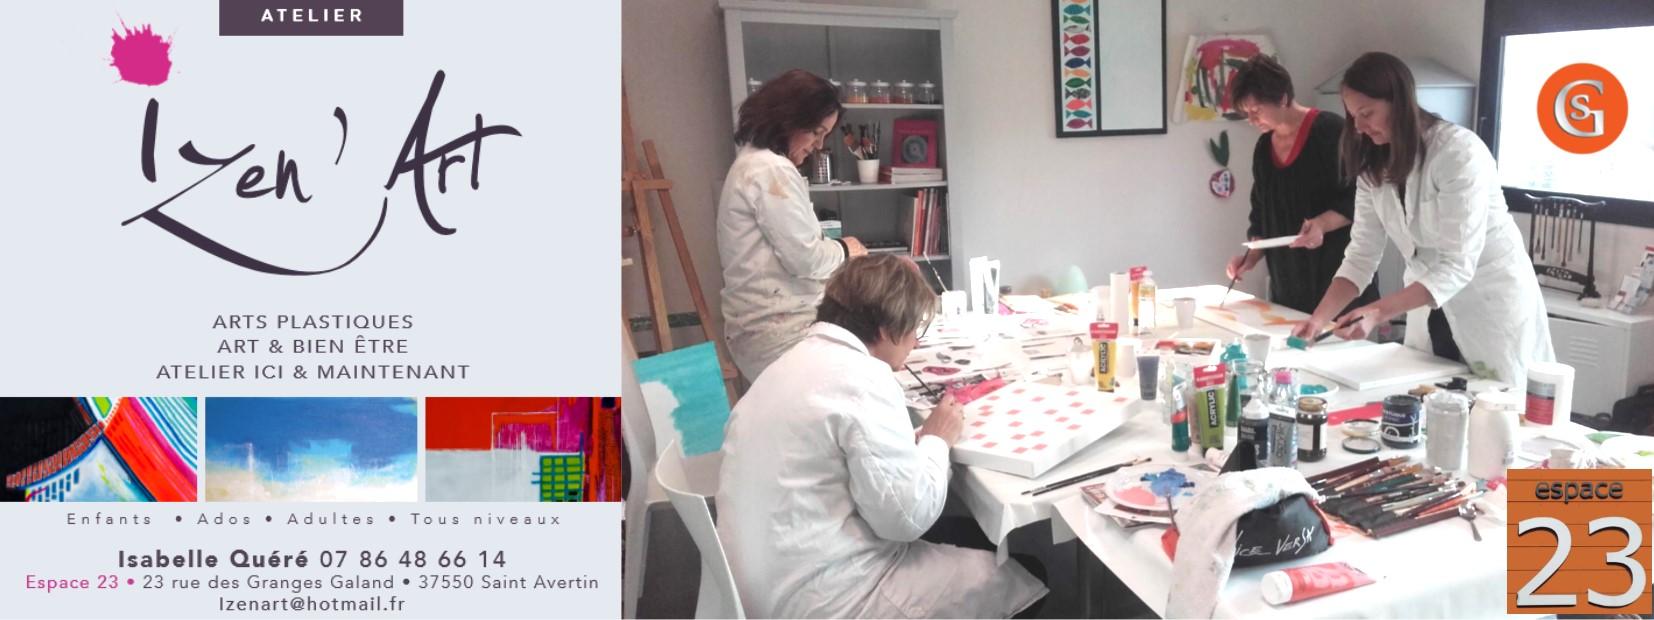 espace-23-saint-avertin-les-salons-galand-atelier-izen-art-isabelle-quere